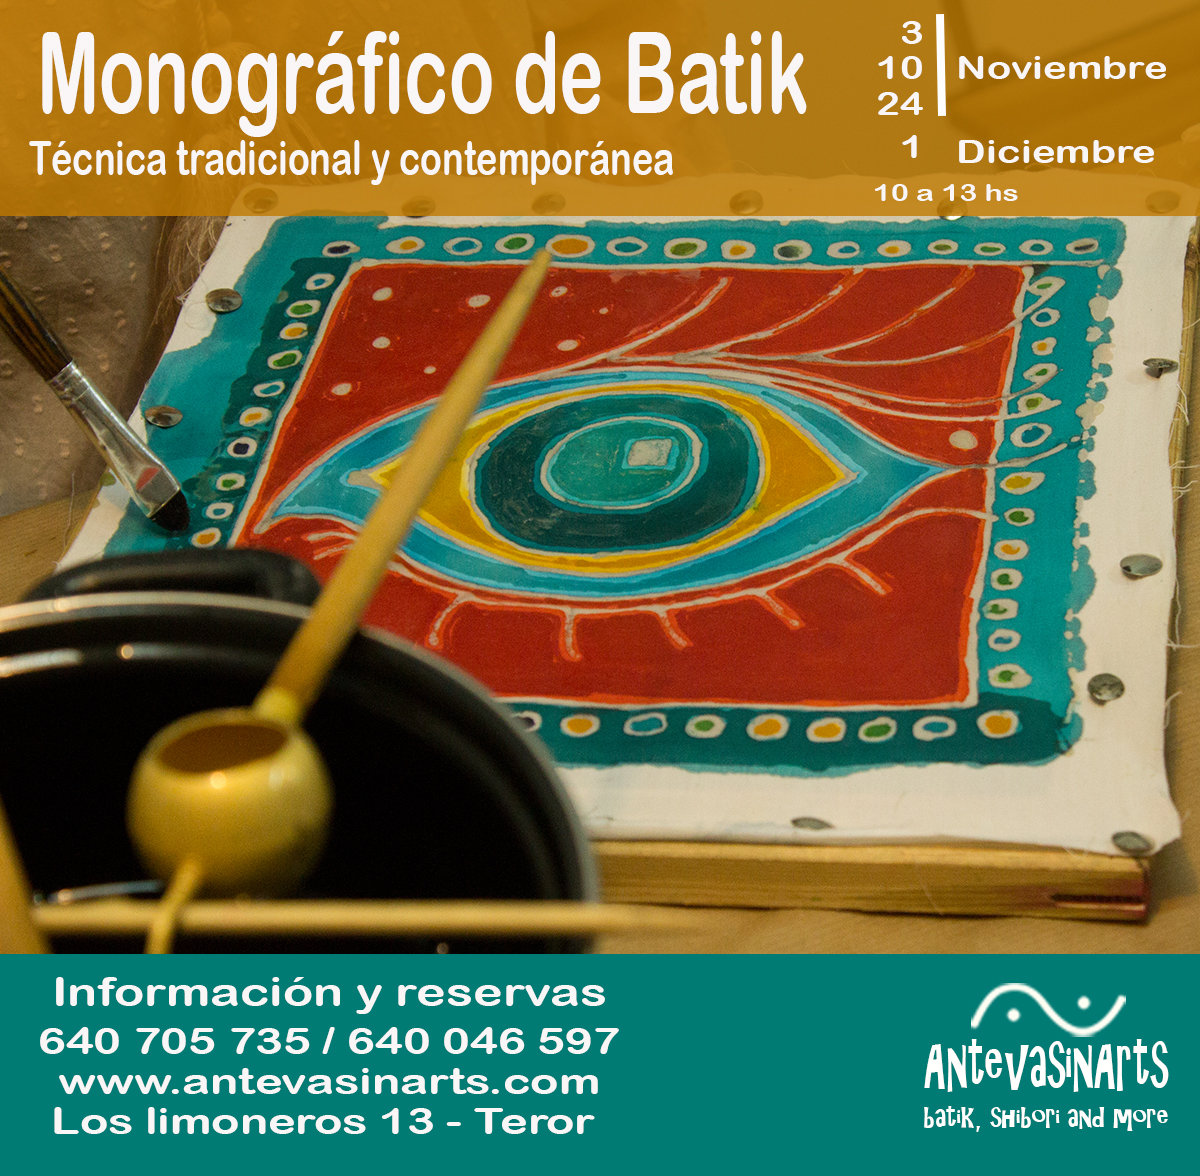 Monográfico Batik - Sábado 24 de Noviembre